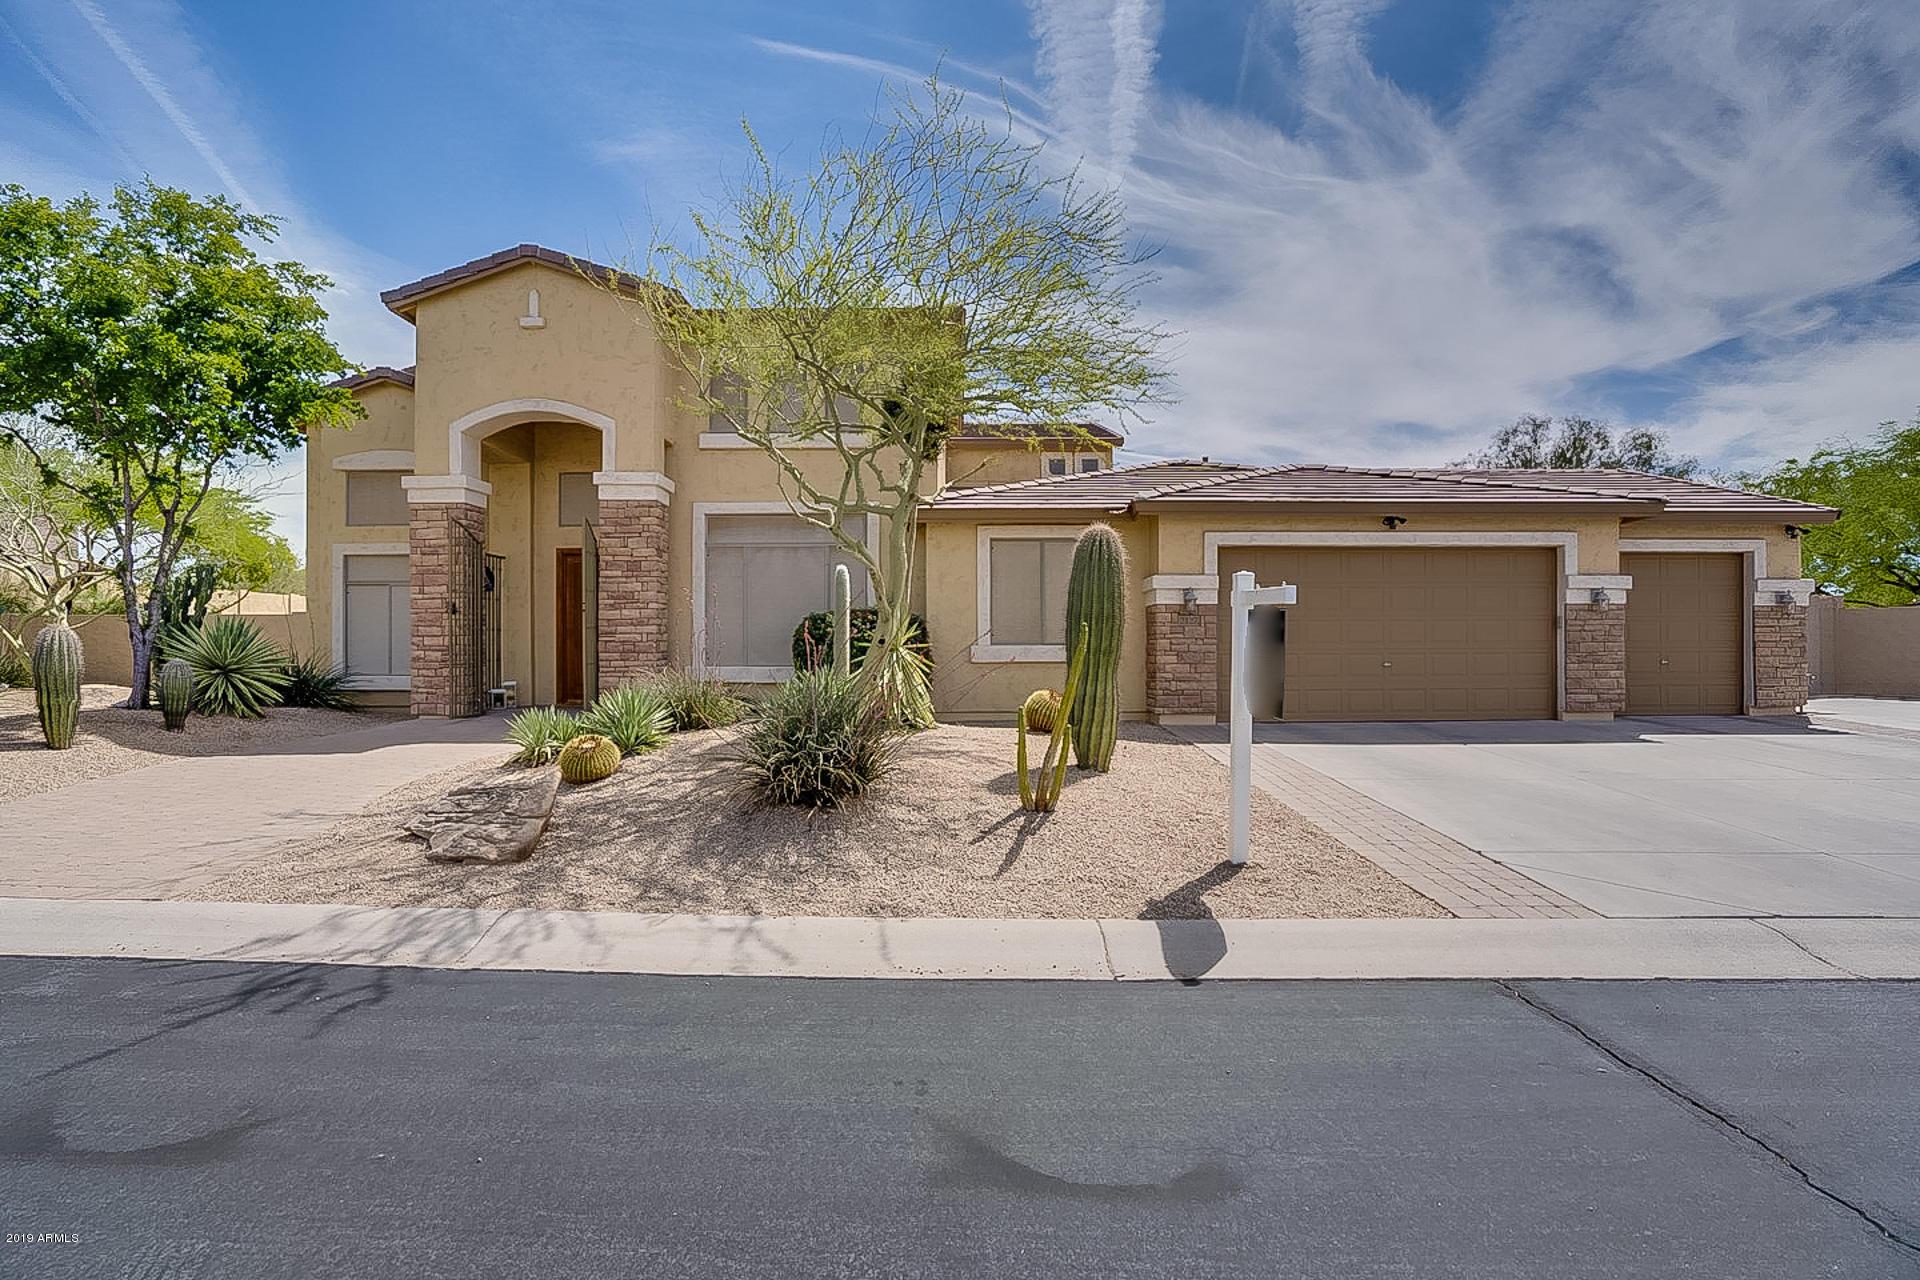 Photo of 2127 N HILLRIDGE --, Mesa, AZ 85207